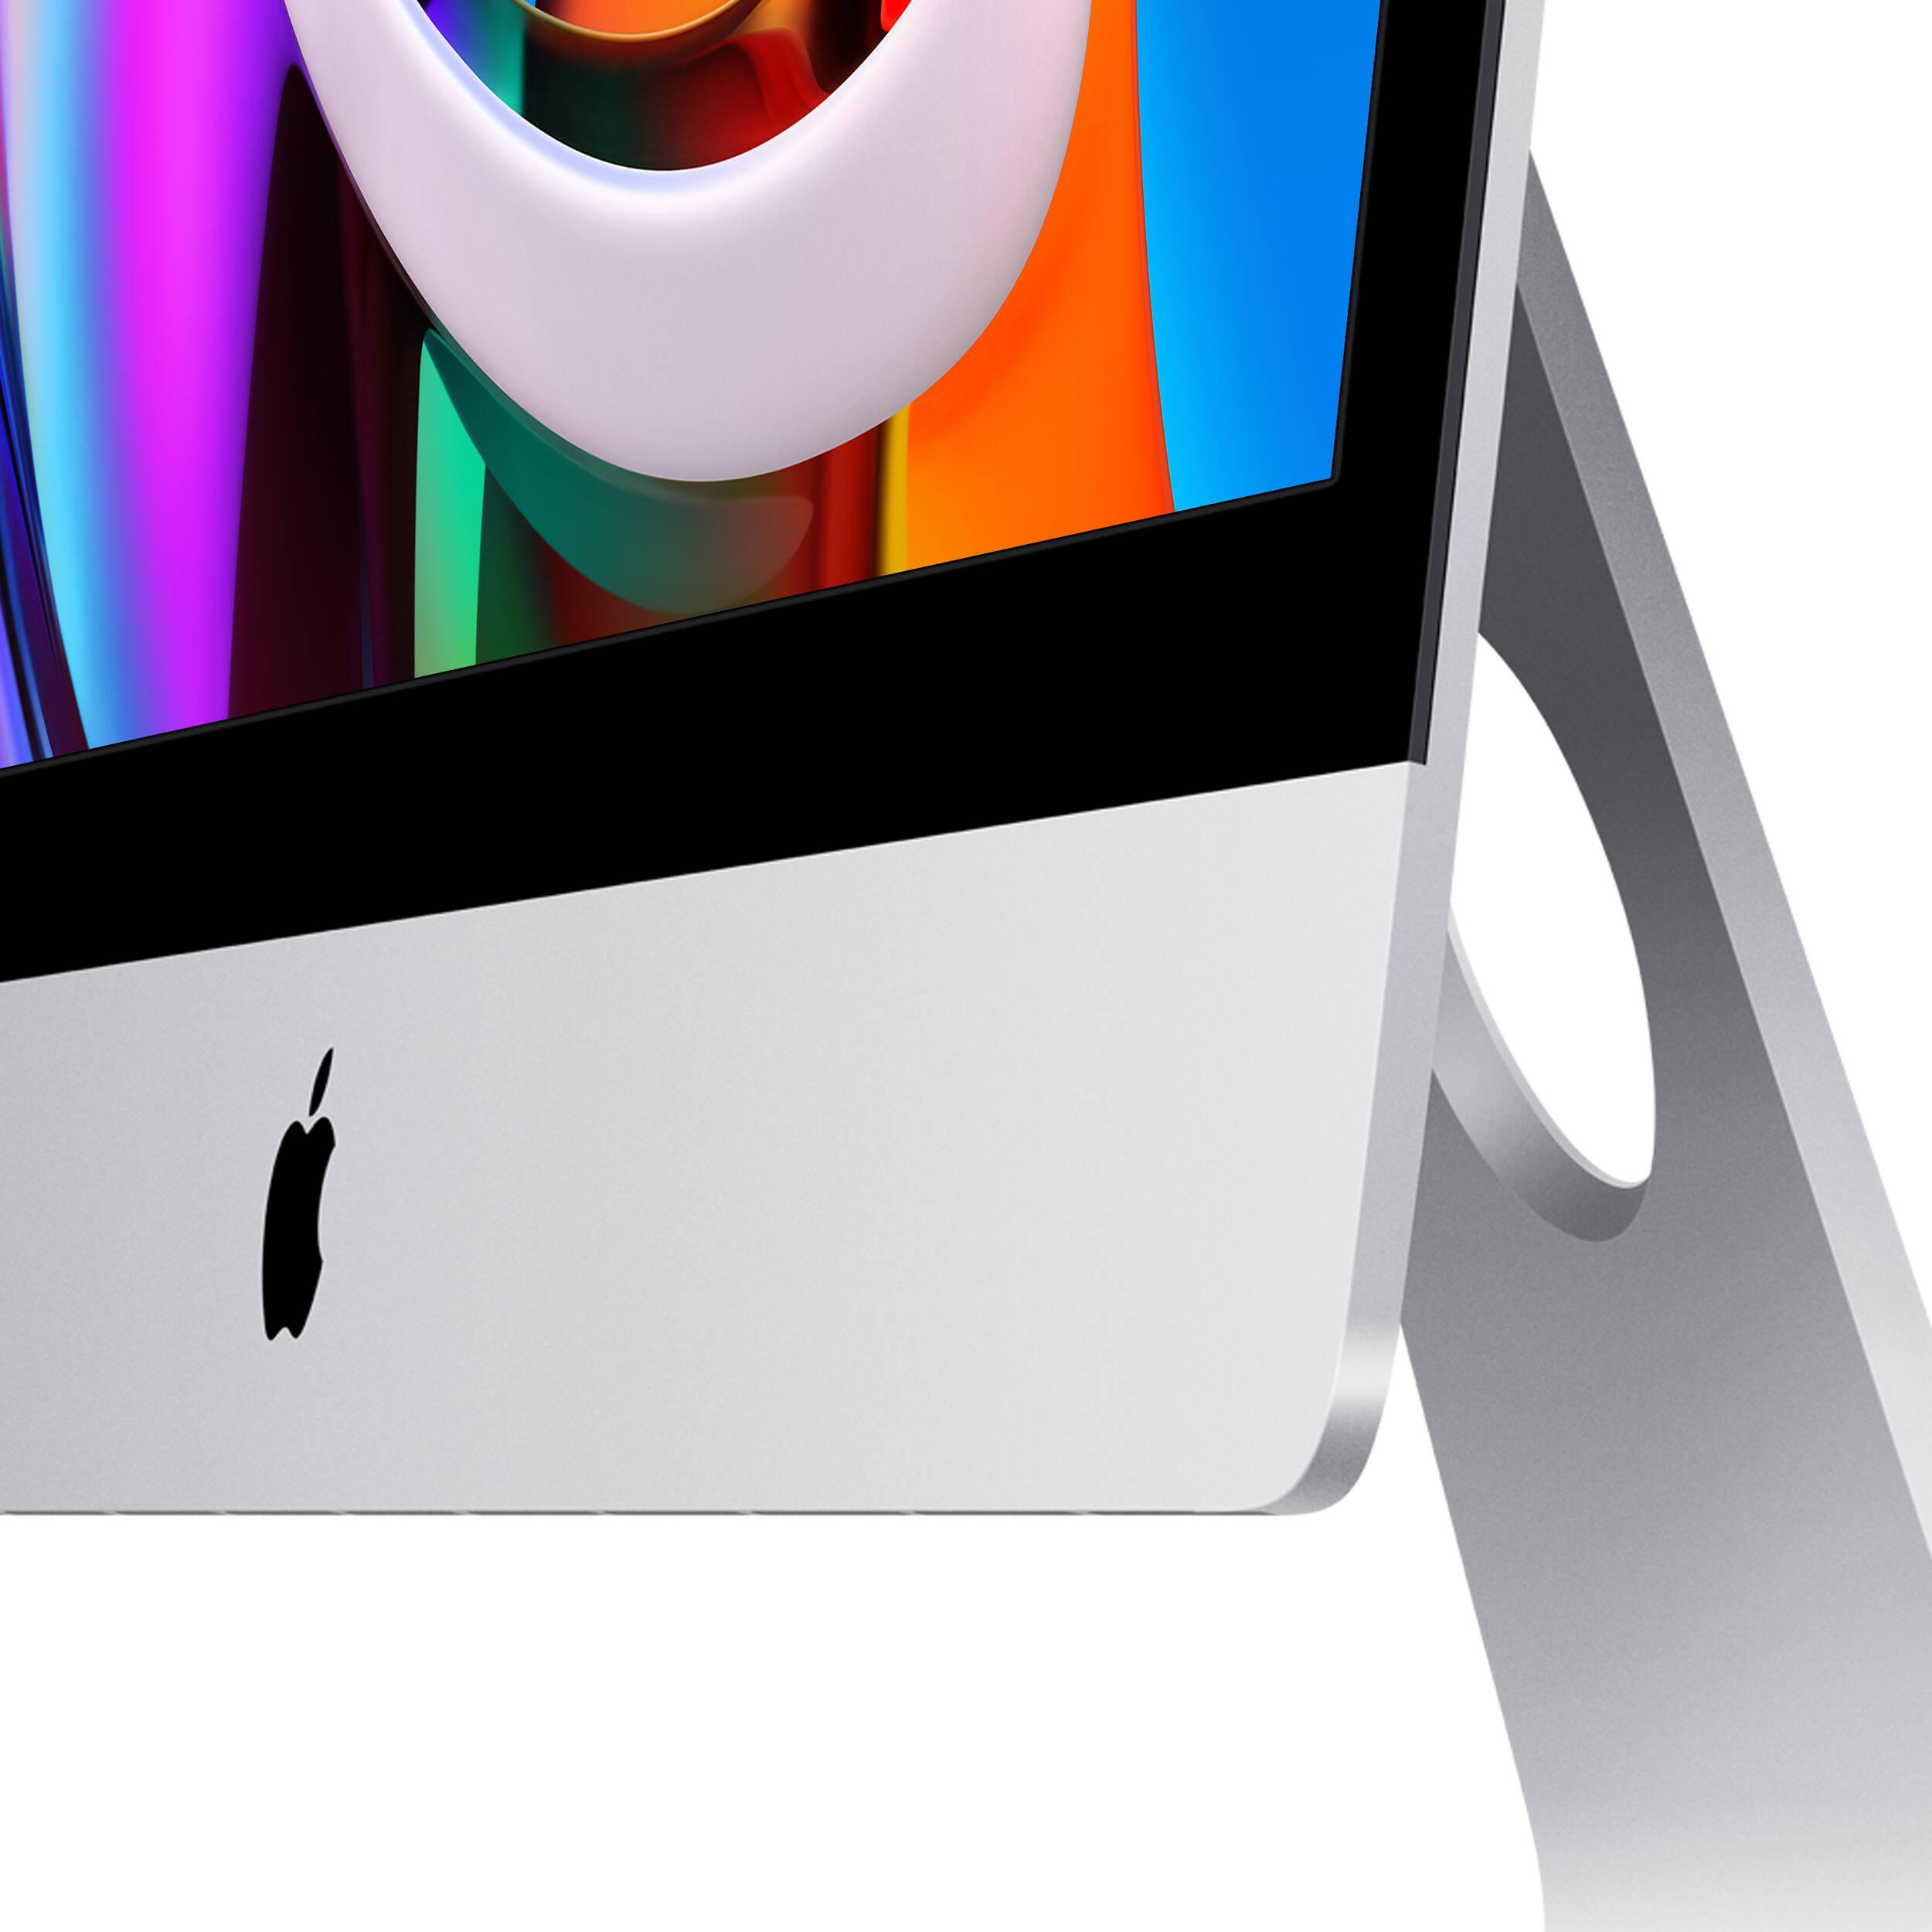 کامپیوتر همه کاره 27 اینچی اپل مدل iMac MXWT2 2020 با صفحه نمایش رتینا 5K  main 1 2